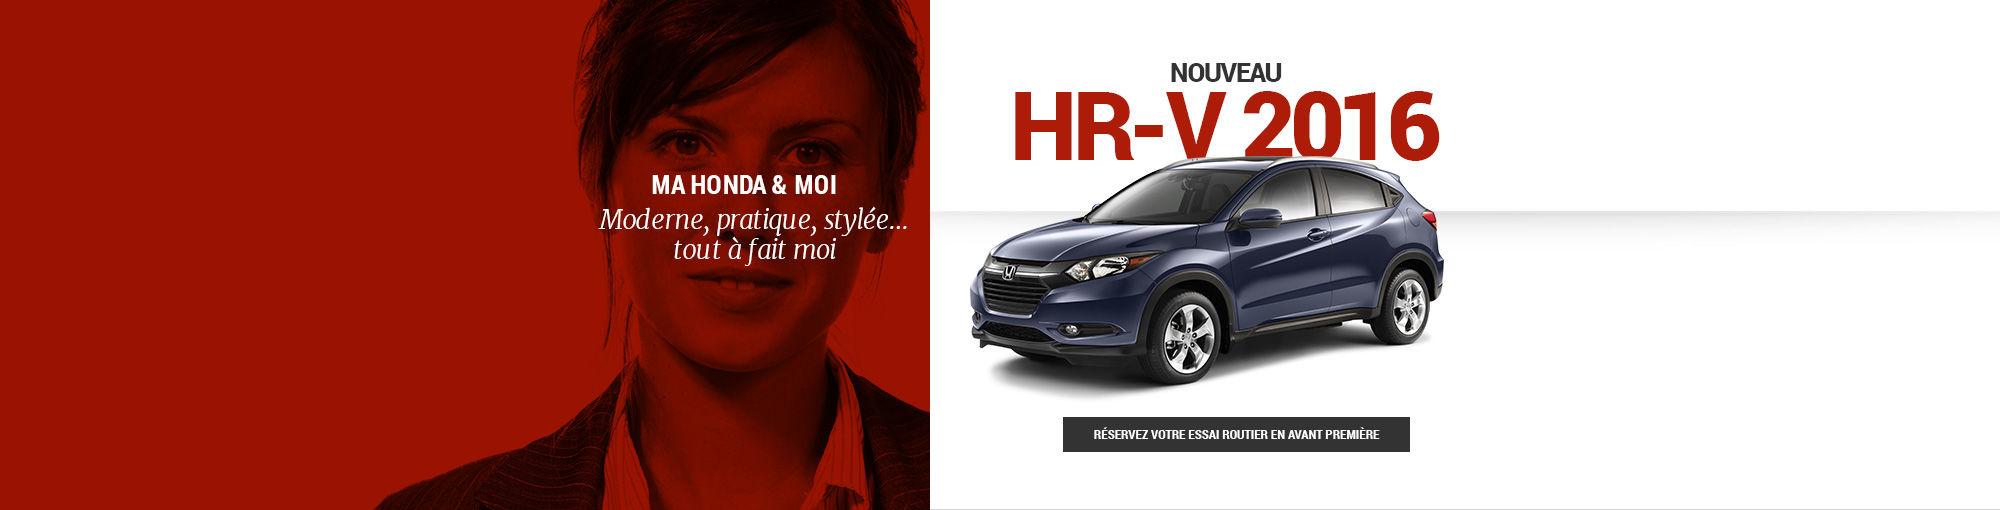 HR-V 2015